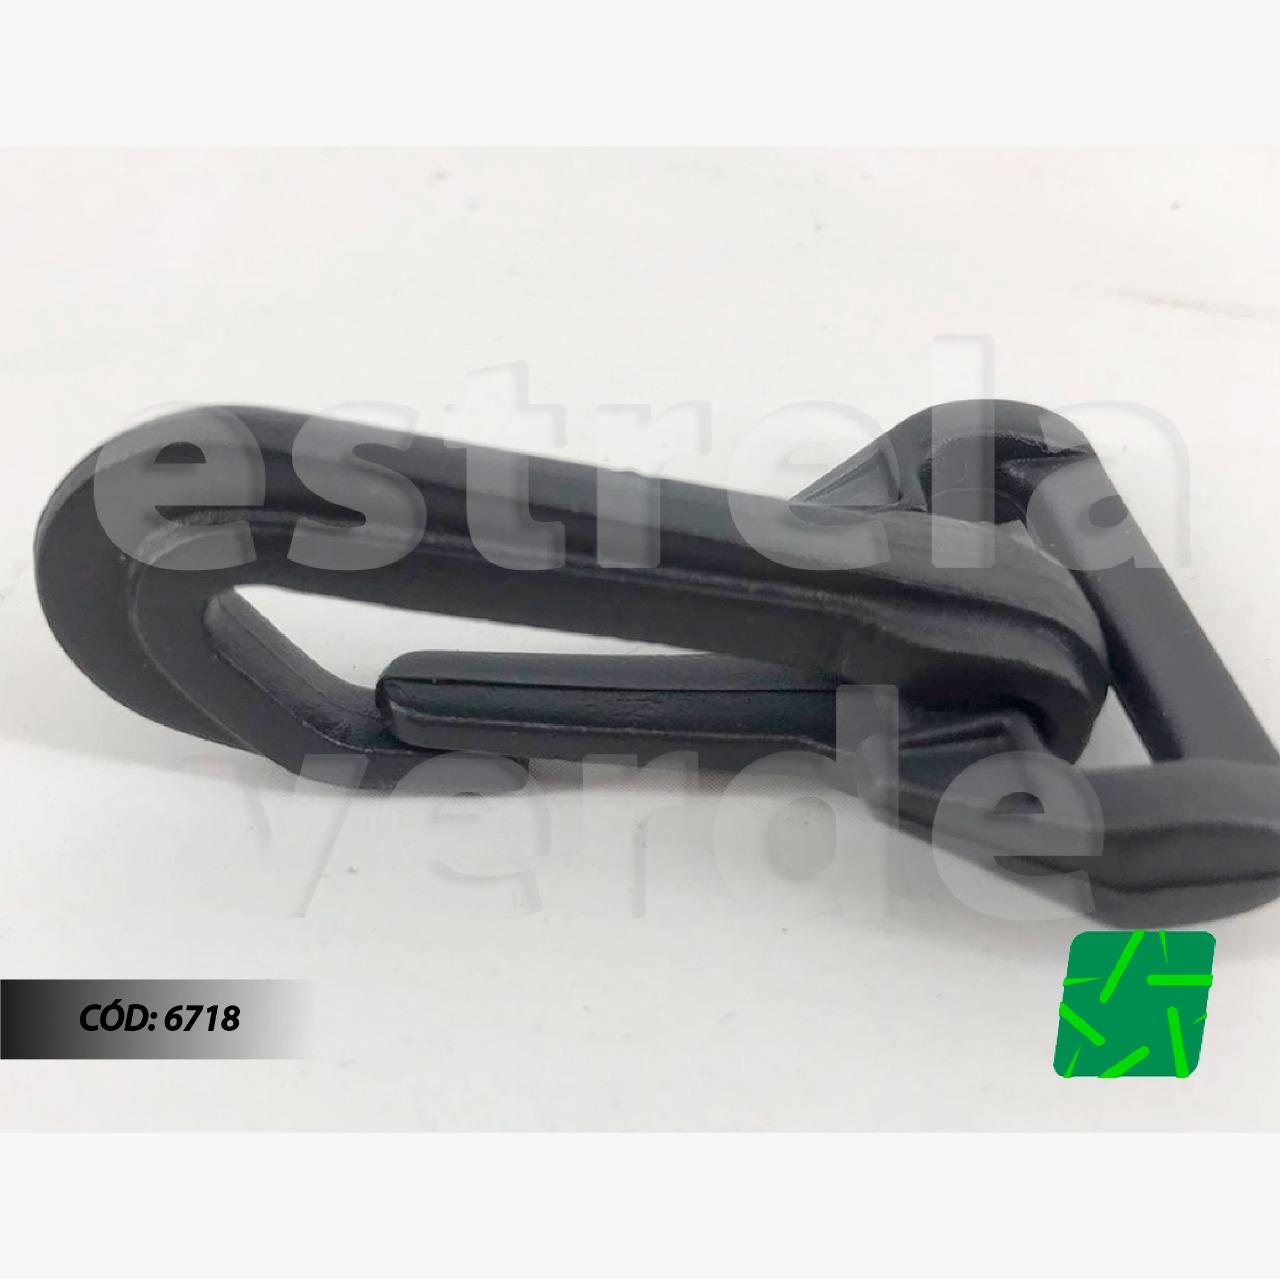 MOSQUETE PVC 30MM GANCHO P/ BOLSA 10UN  - Estrela Verde